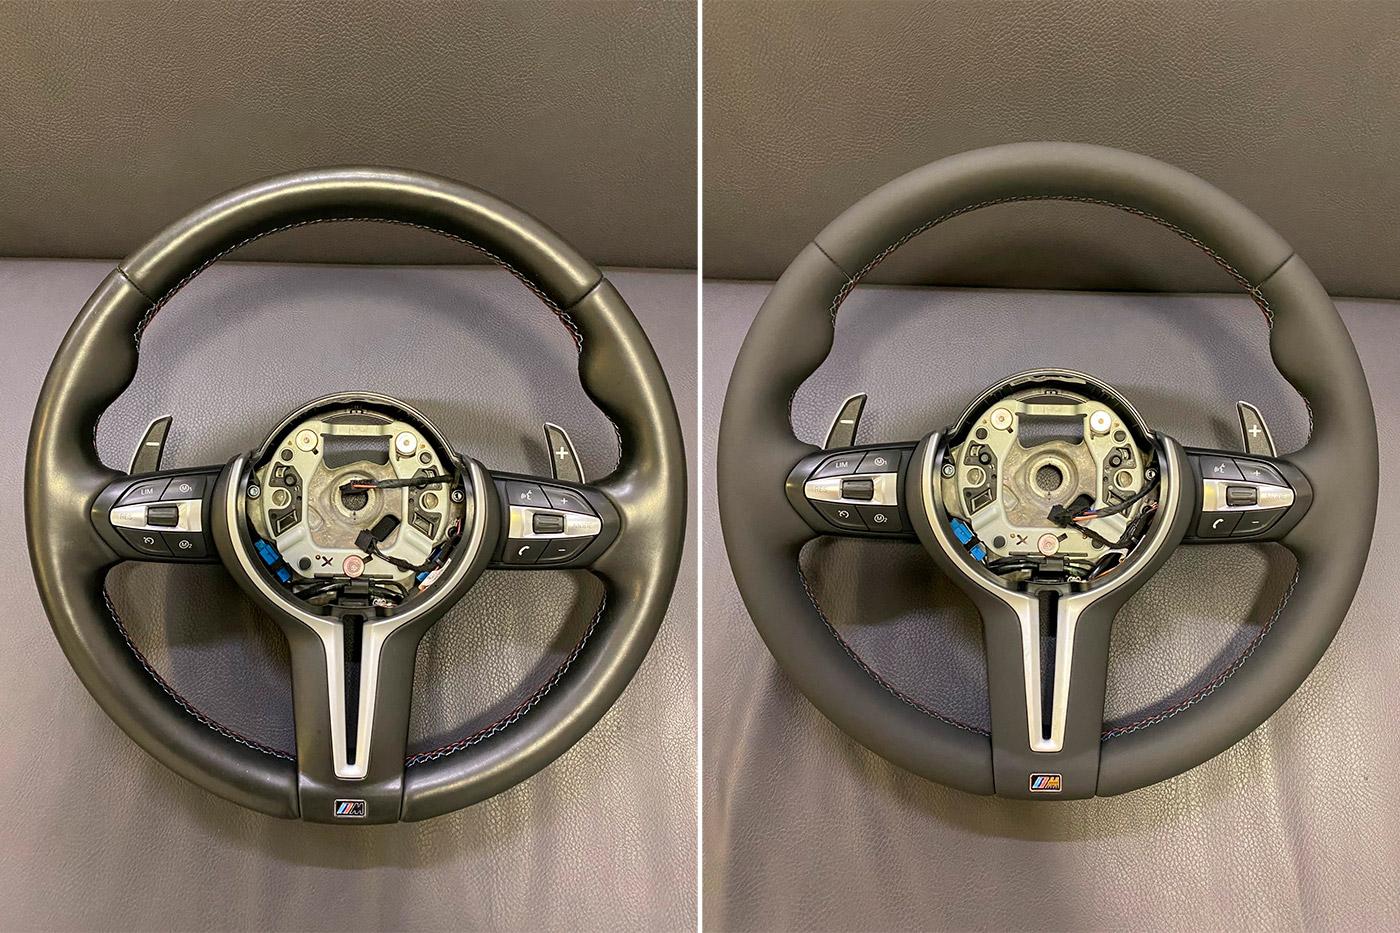 Смотреть на фото руль автомобиля БМВ до и после реставрации.